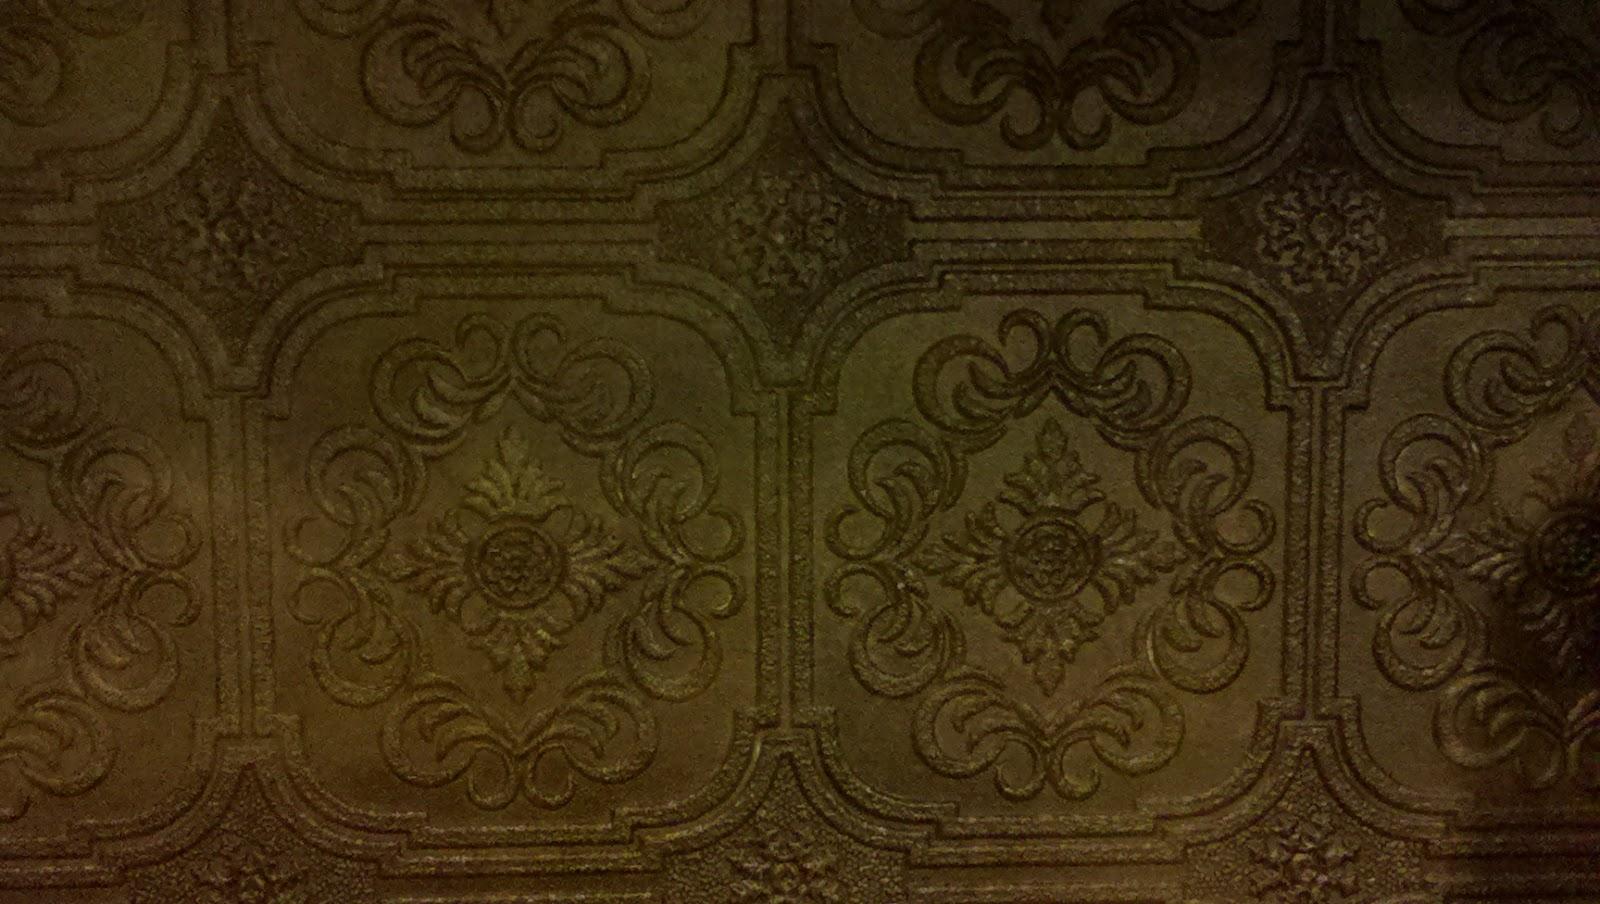 trololo blogg: Wallpaper Patterns Home Depot